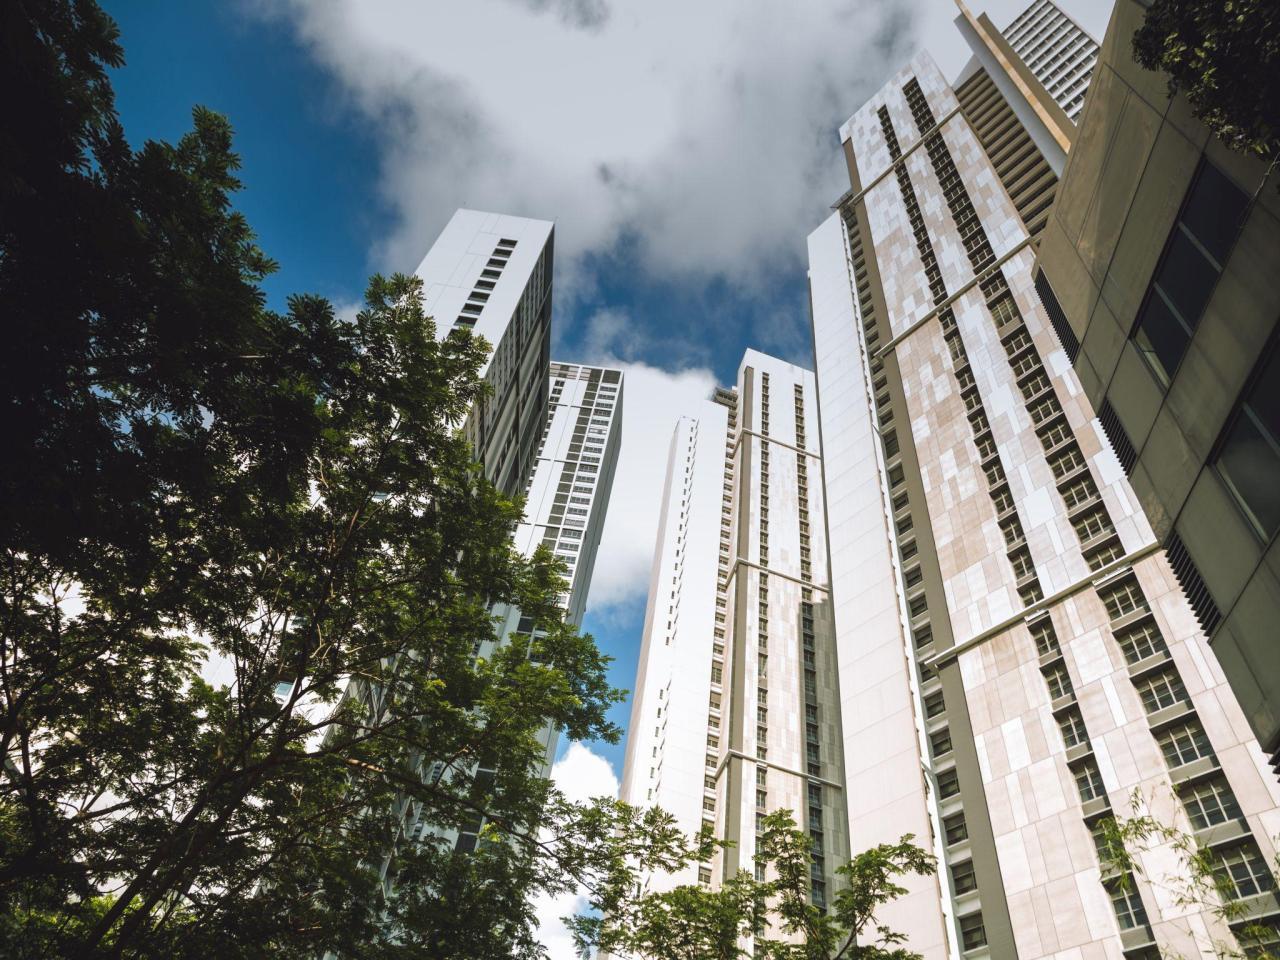 ลักชัวรี อพาร์ตเมนต์ นอร์ธพอยท์ พัทยา บาย แกรนดิส วิลลา (Luxury Apartments NorthPoint Pattaya by GrandisVillas)